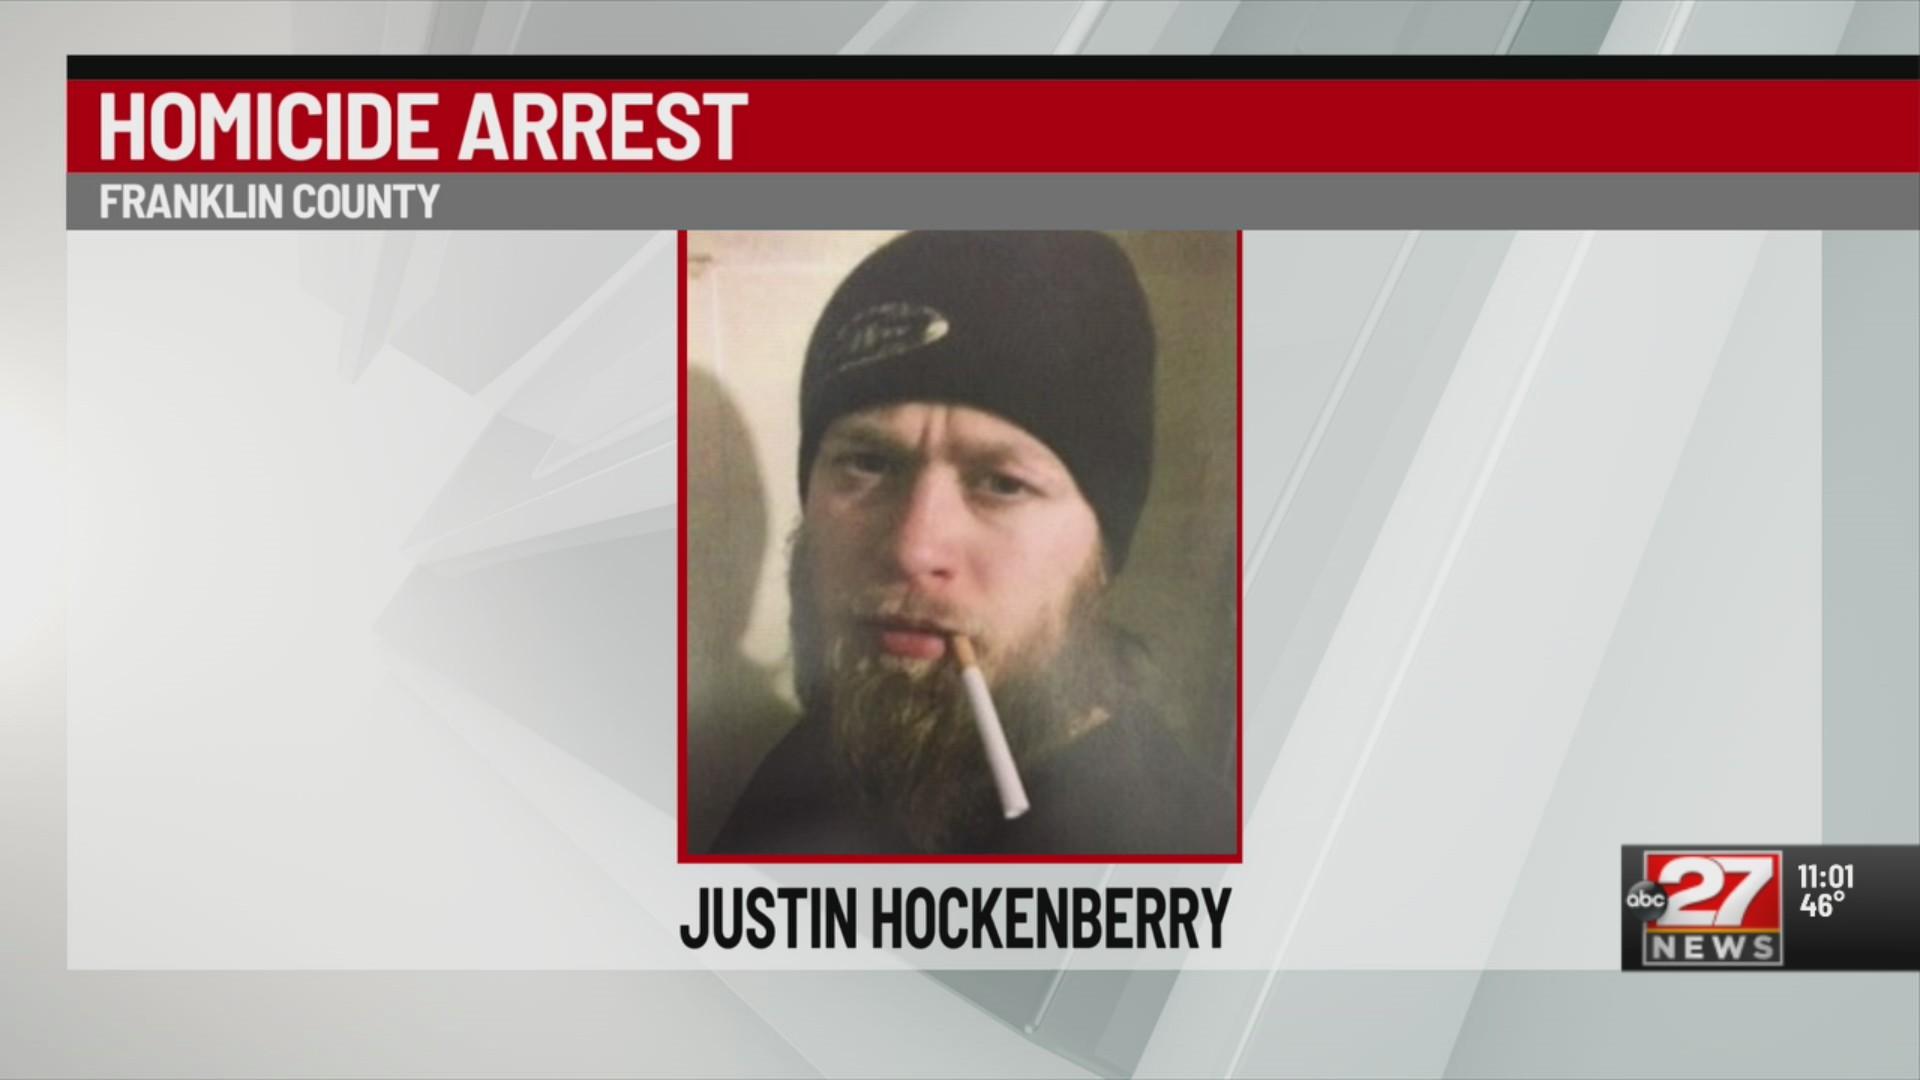 Hockenberry arrested